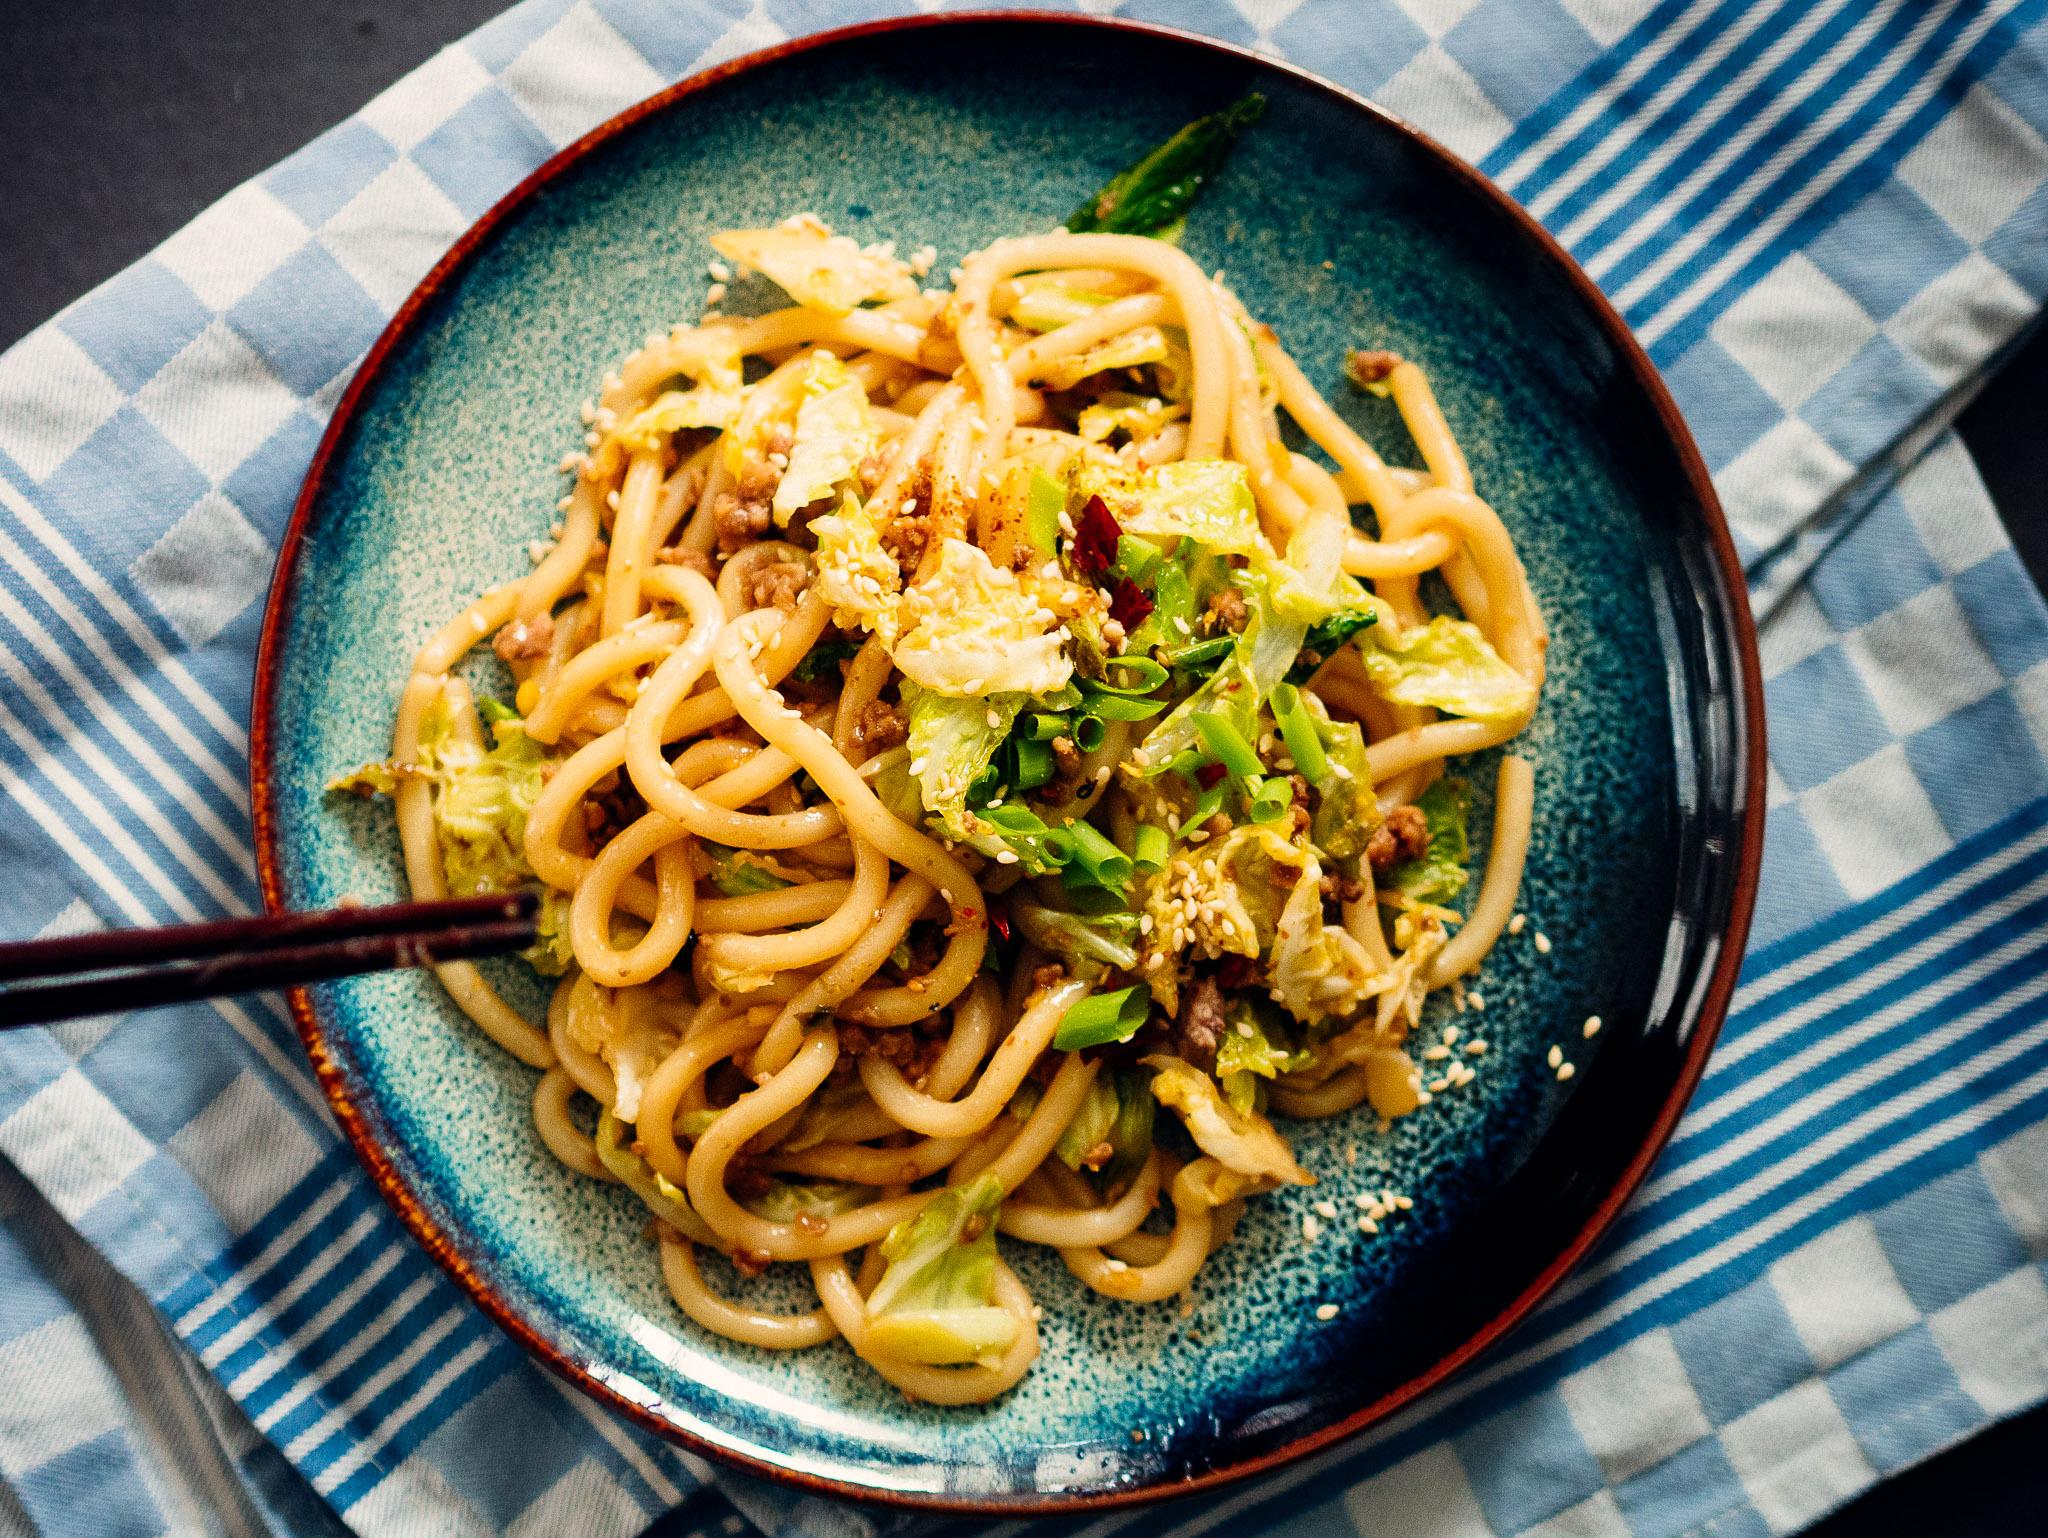 Kuchnia Orientalna Azjatycka Przepisy I Potrawy